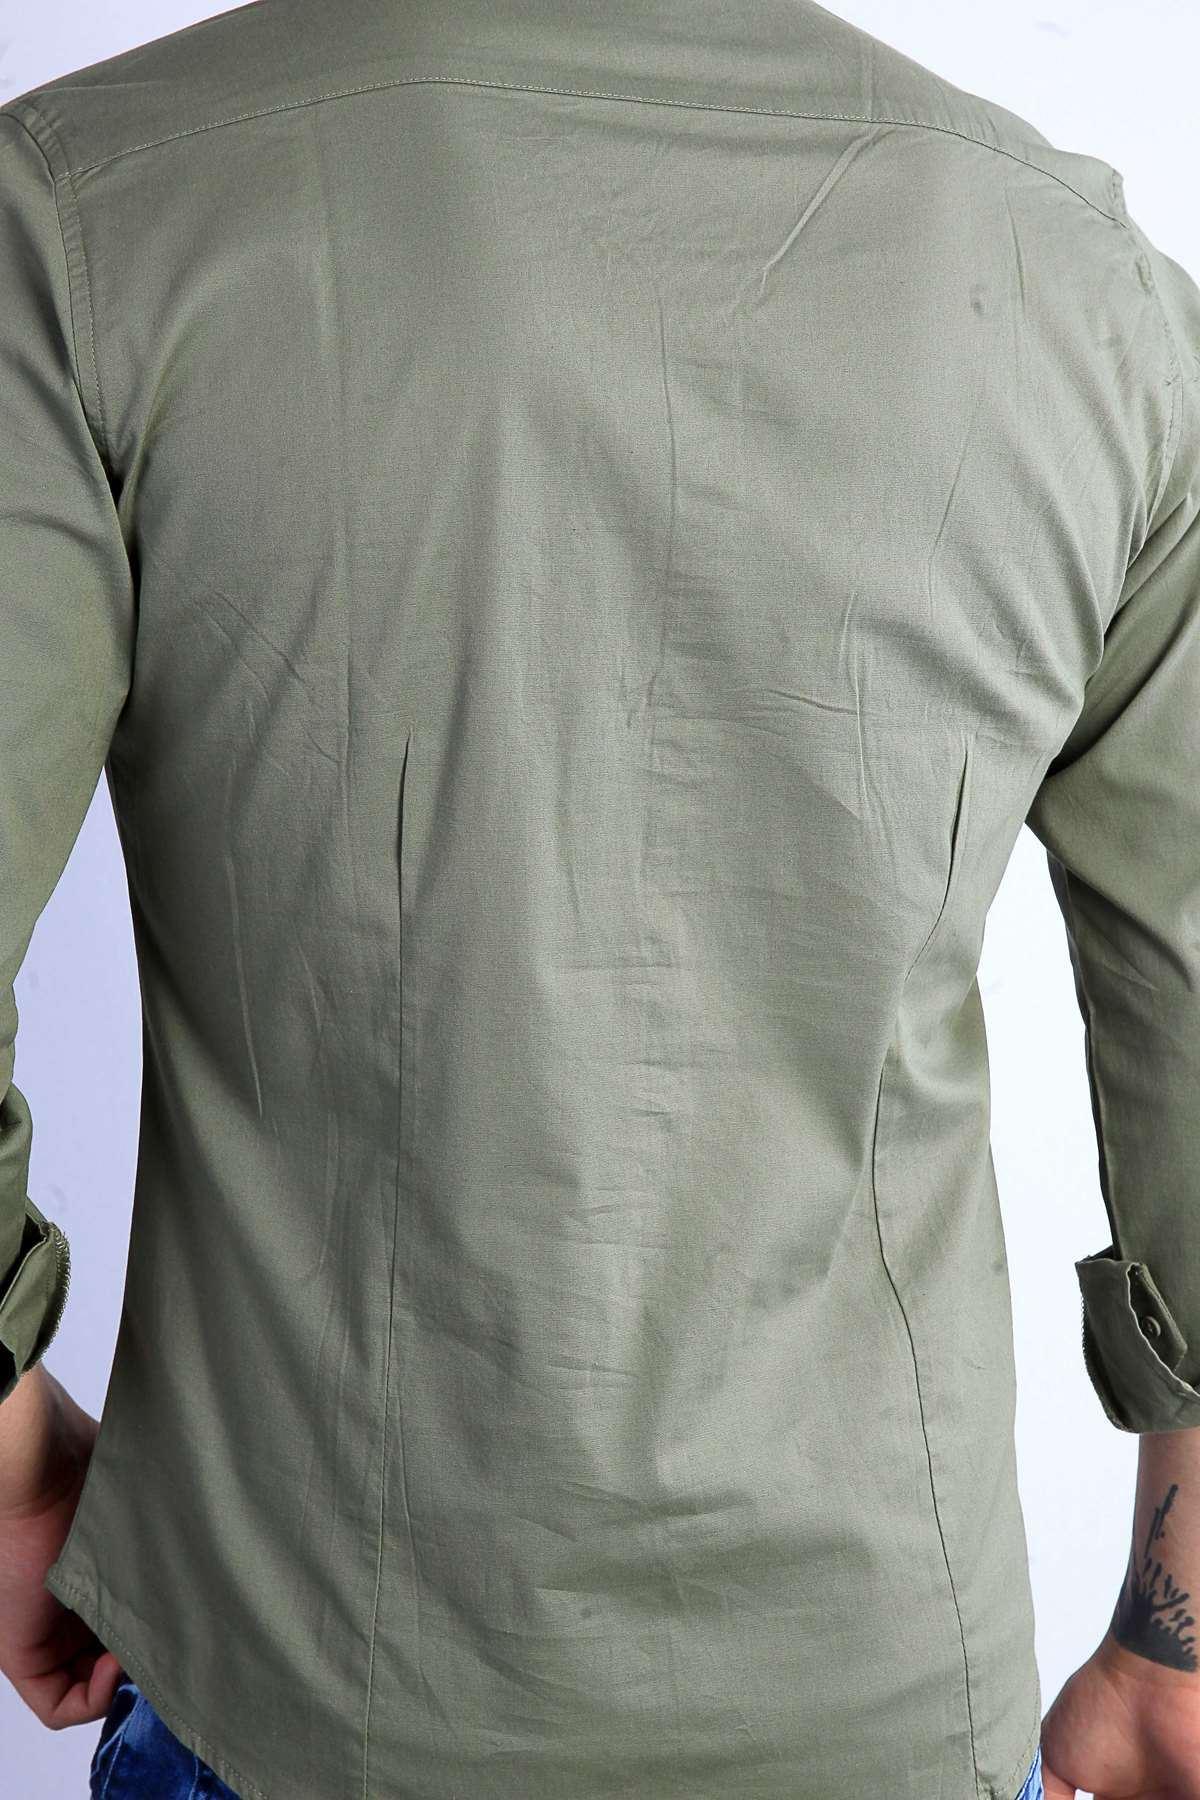 Önü Şeritli Darkness Yazılı Parlak Kumaş Slim Fit Gömlek Haki